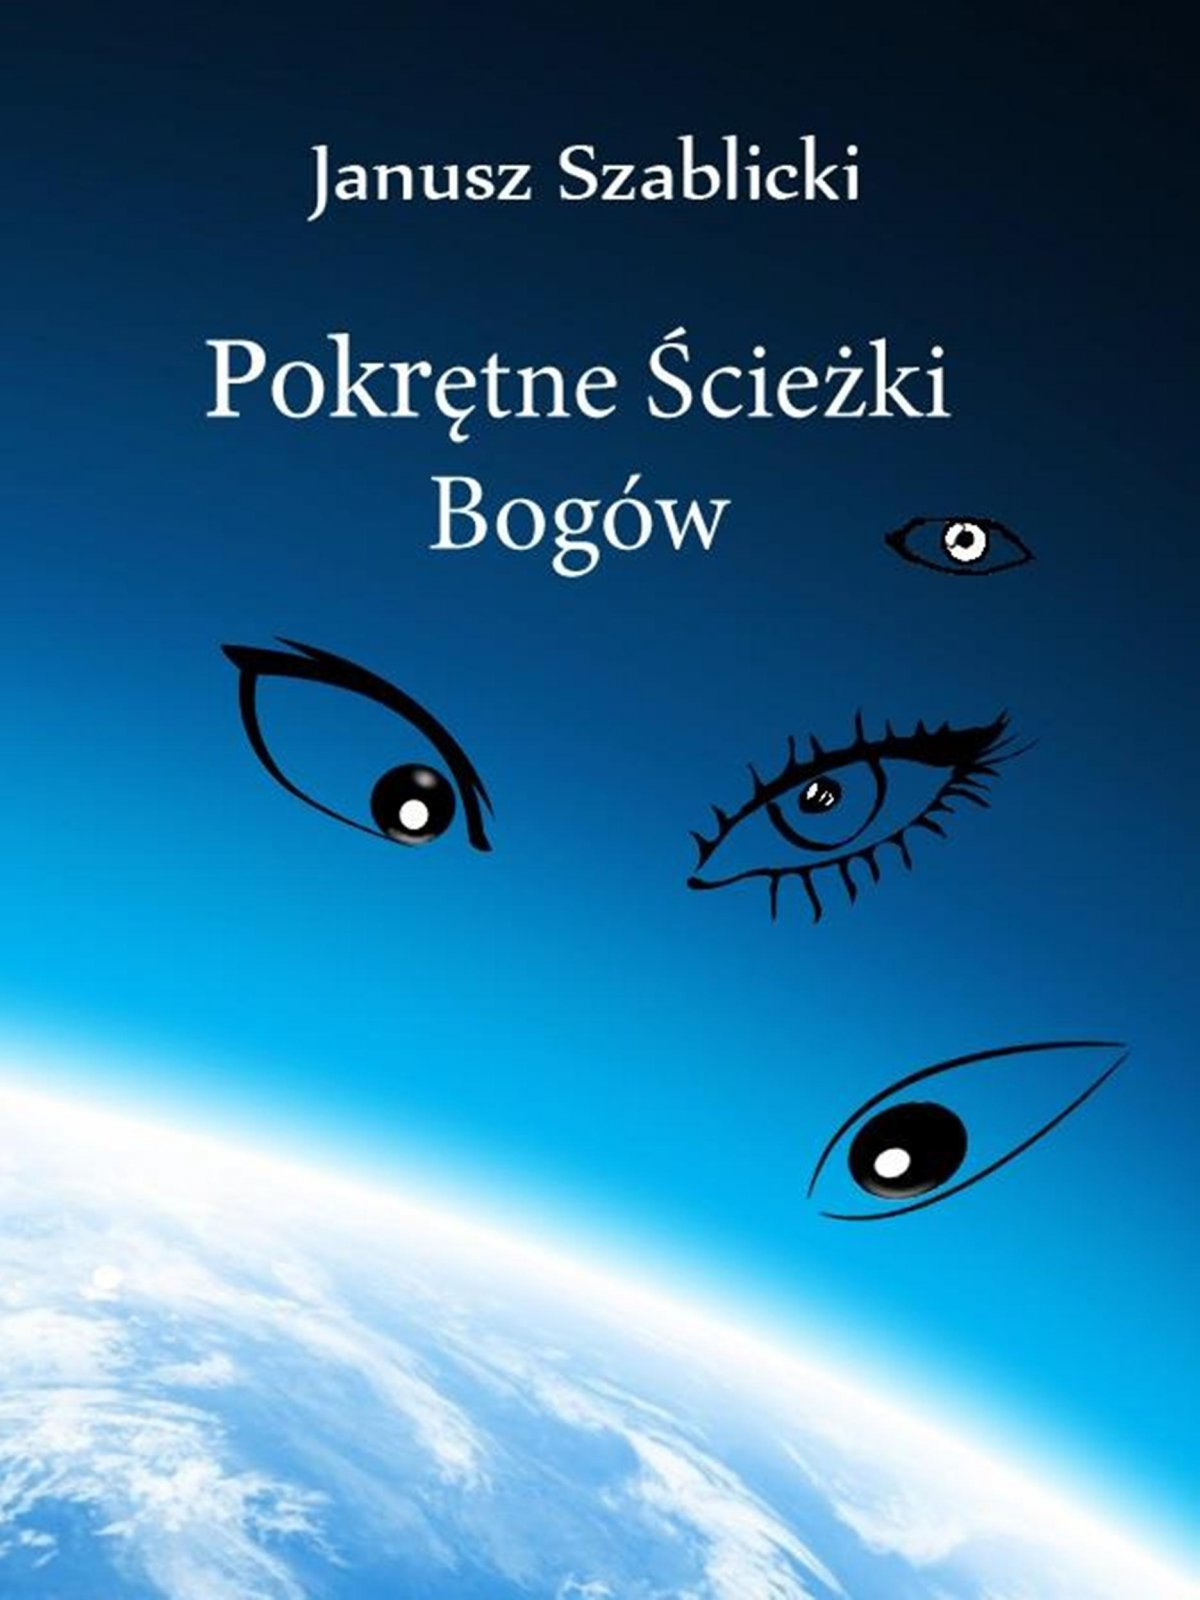 Pokrętne ścieżki bogów - Ebook (Książka EPUB) do pobrania w formacie EPUB